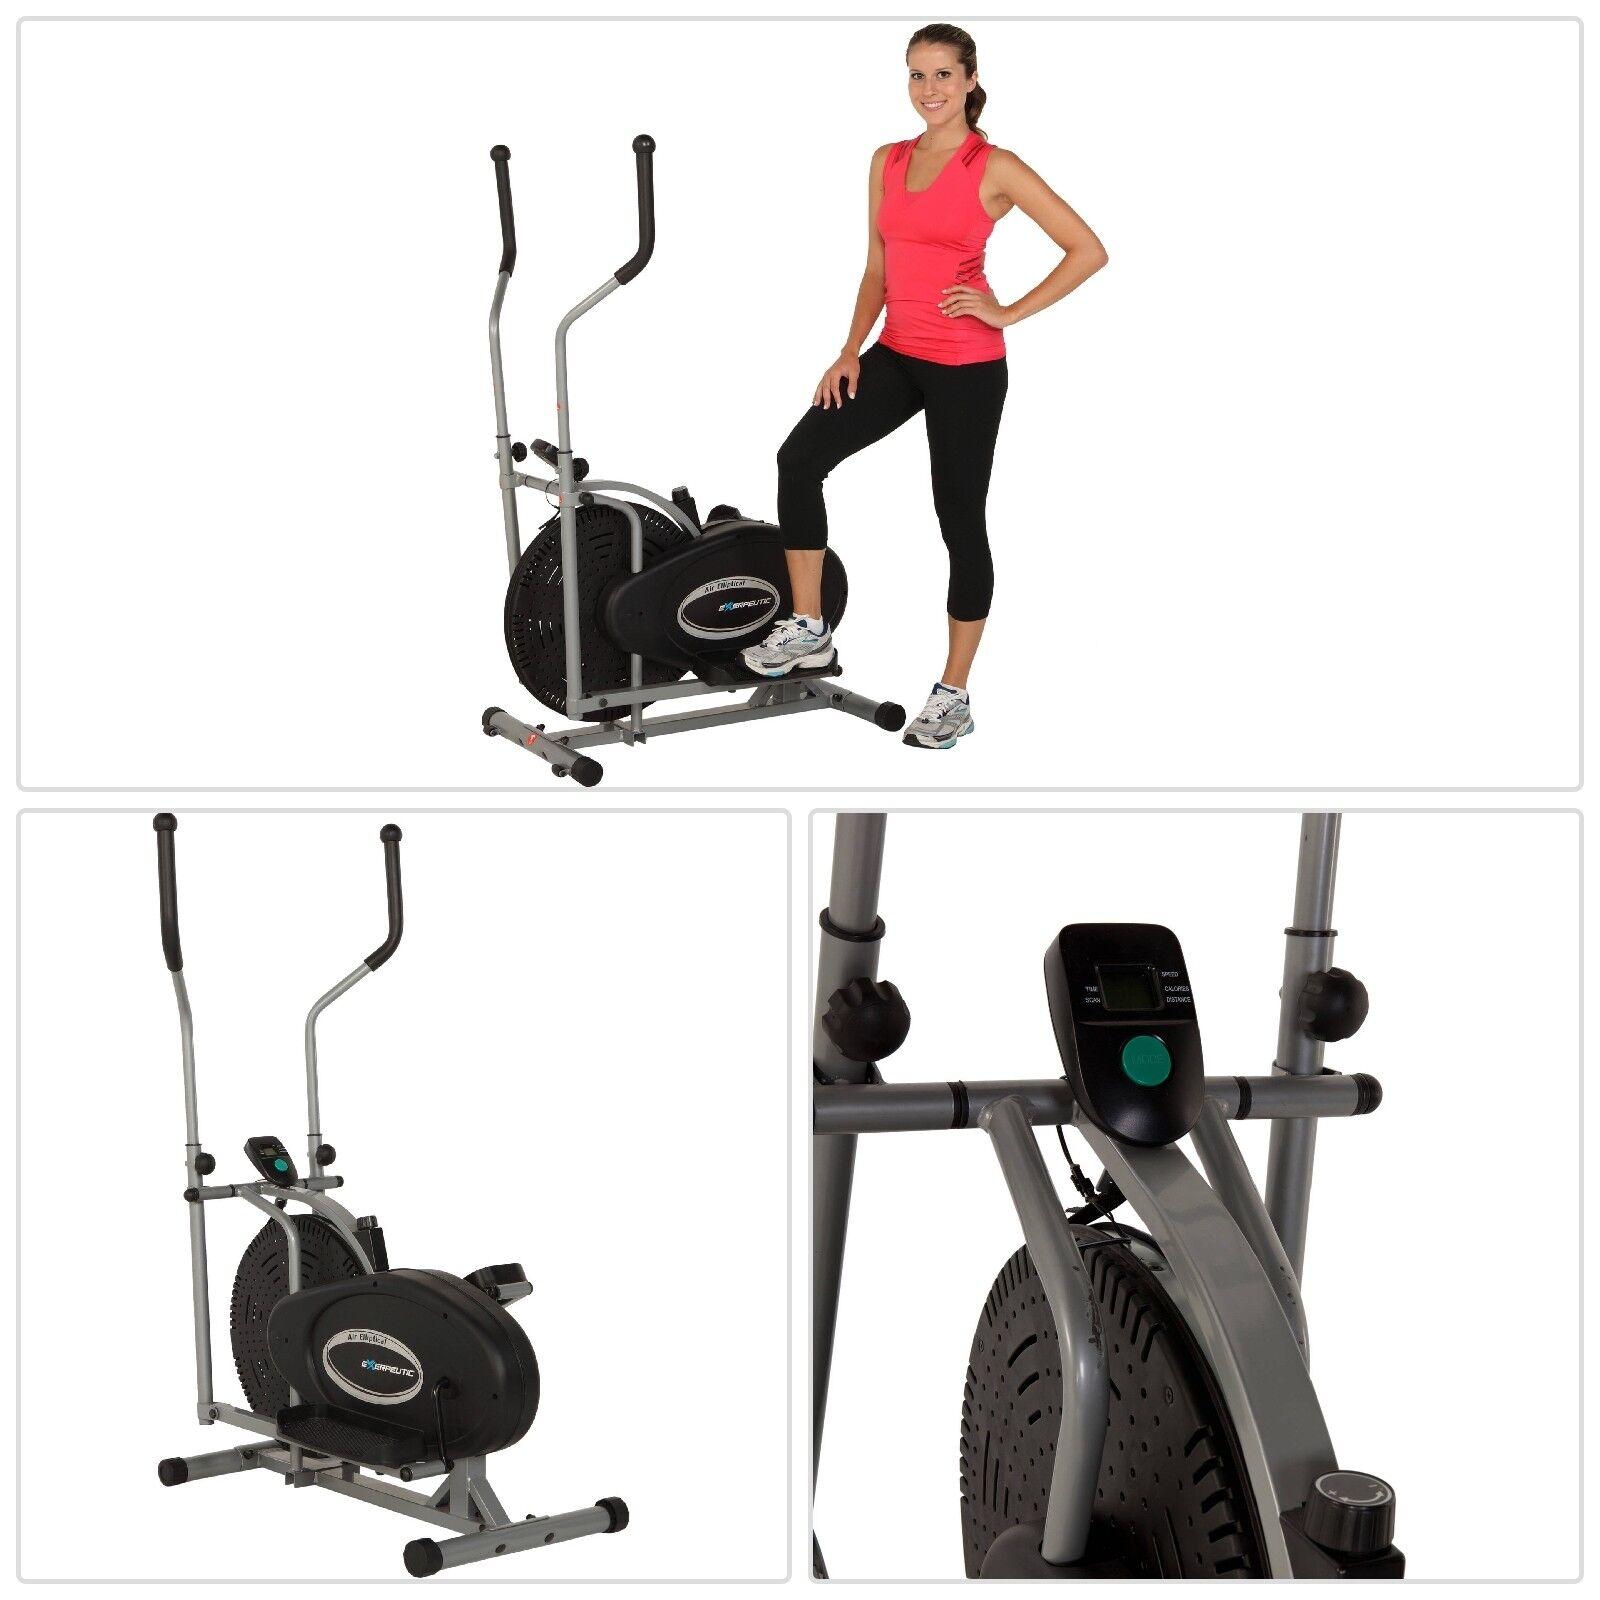 Ejercicio de Interior de Fitness entrenador elíptico  Máquina de entrenamiento Gimnasio Cochedio equipo  Entrega rápida y envío gratis en todos los pedidos.